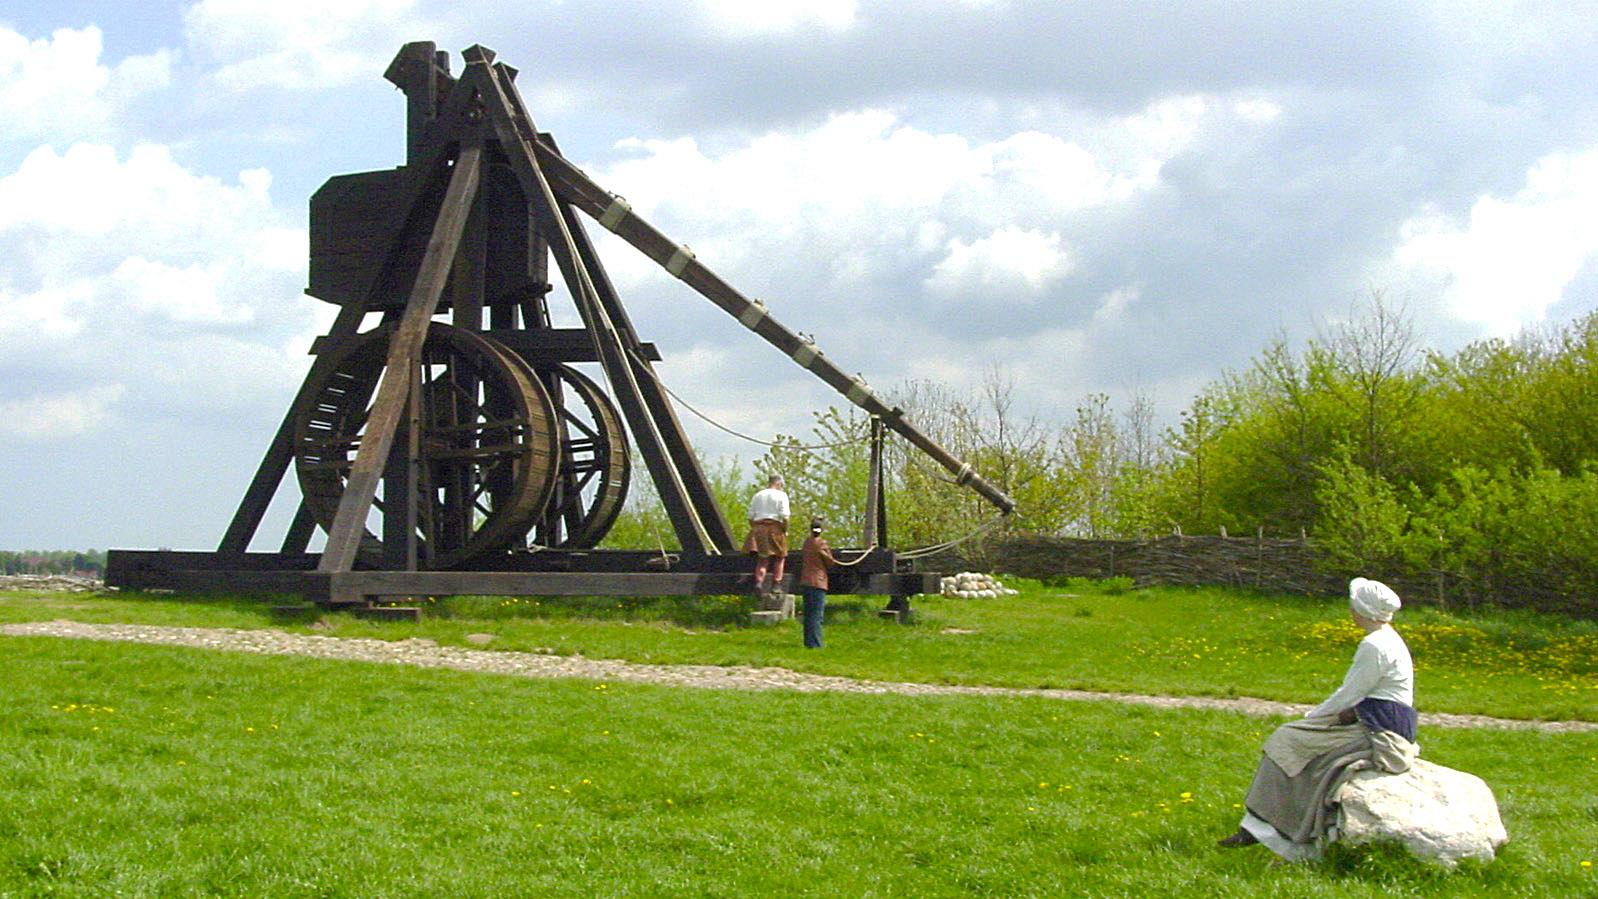 Mittelalter-Zentrum: Die große Wurfmaschine wird zum Abwurf eines 15 kg schweren Steins vorbereitet. Foto: Hilke Maunder